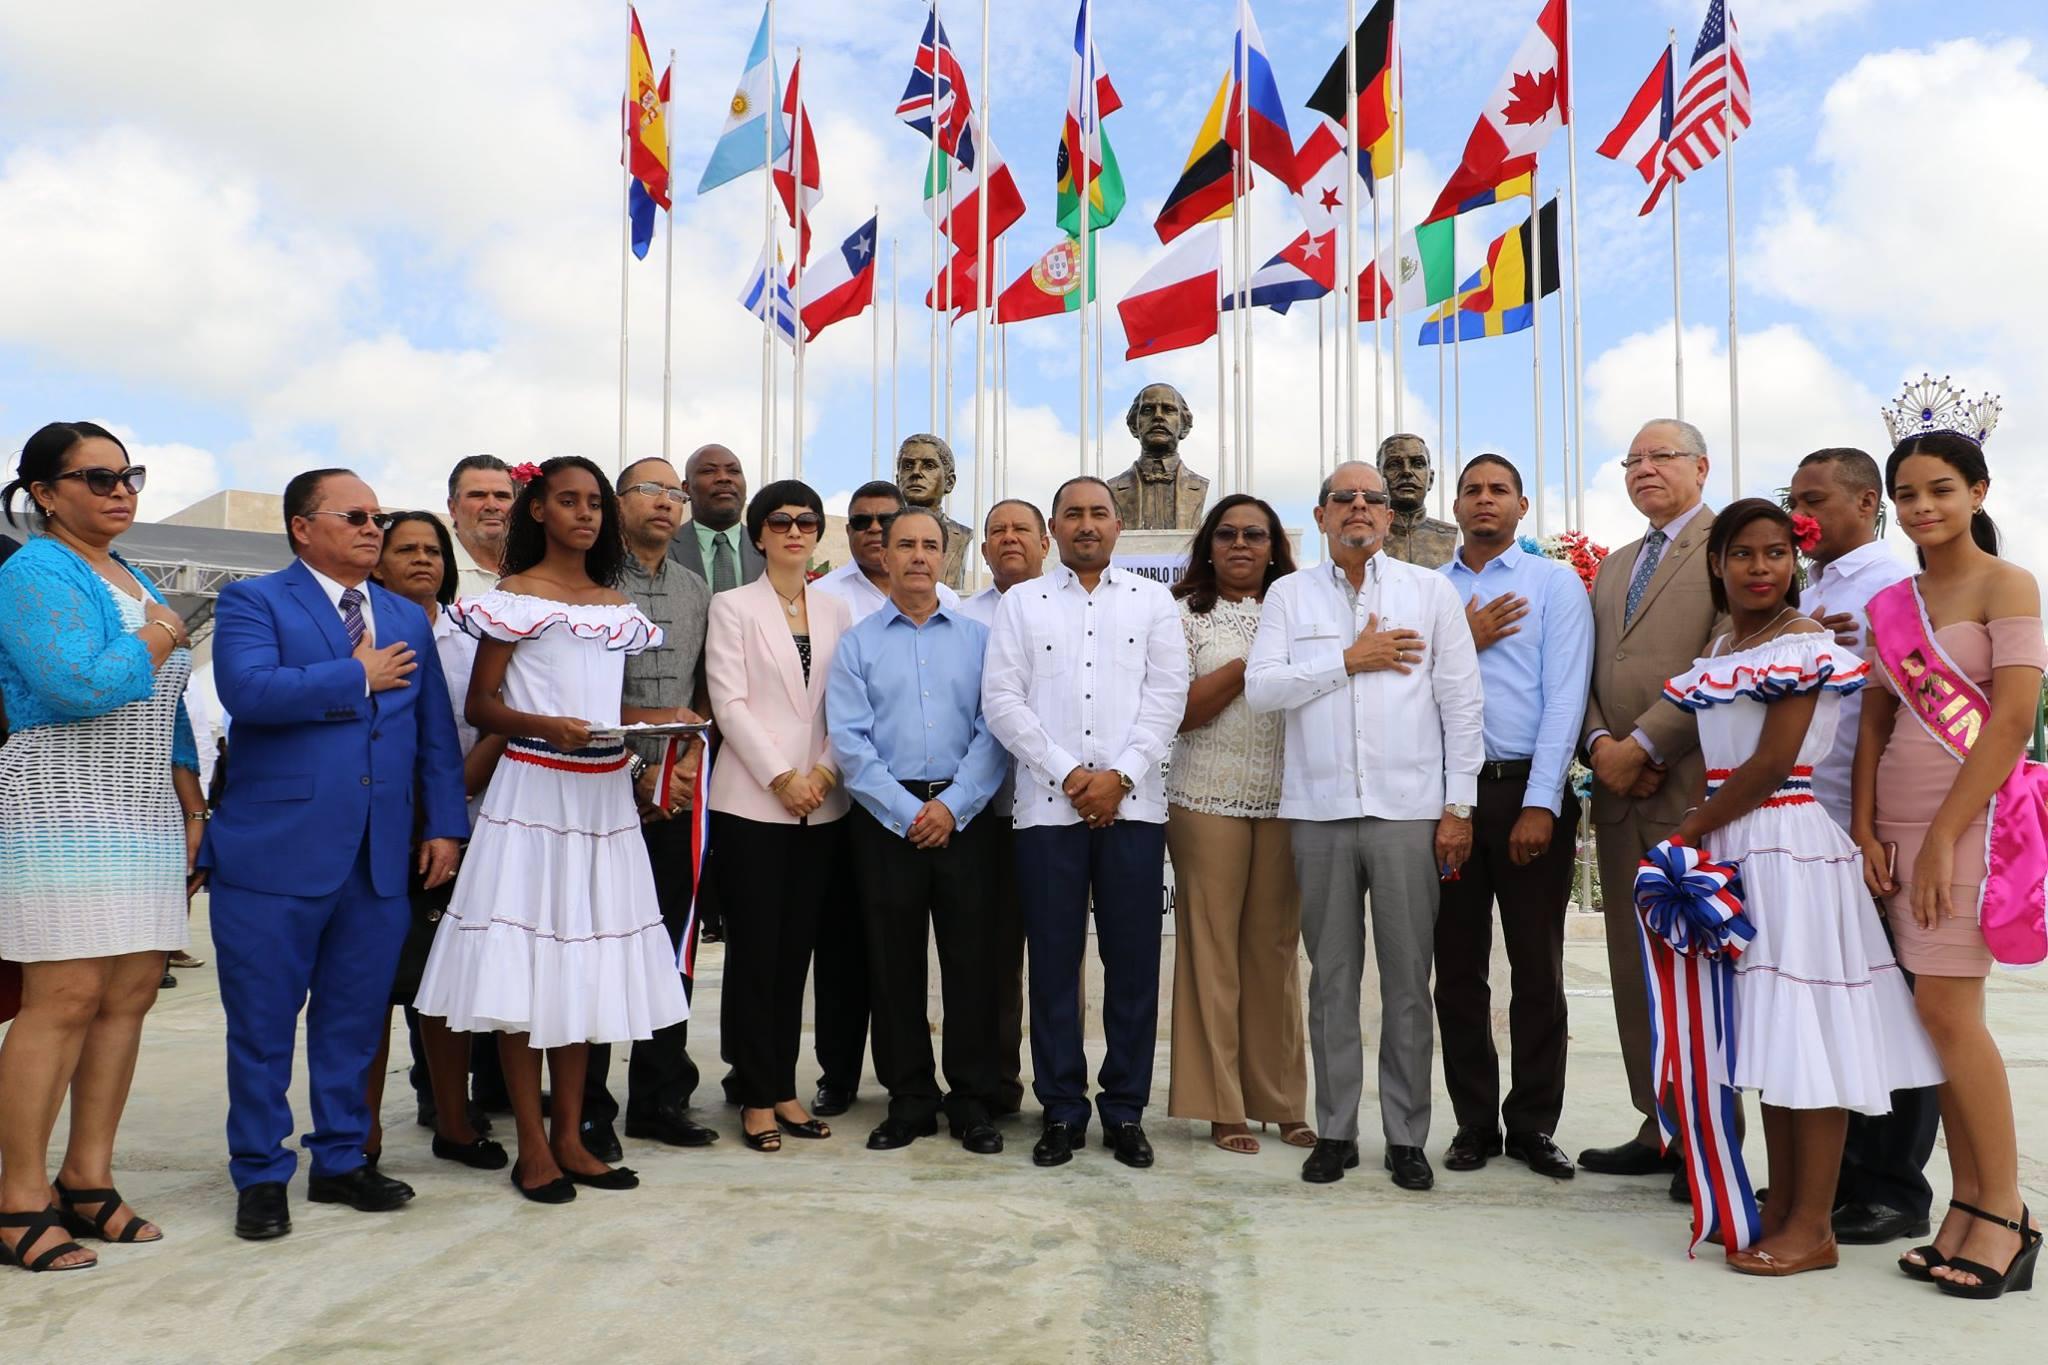 El ayuntamiento Verón Punta Cana Inaugura plaza de hermandad internacional.